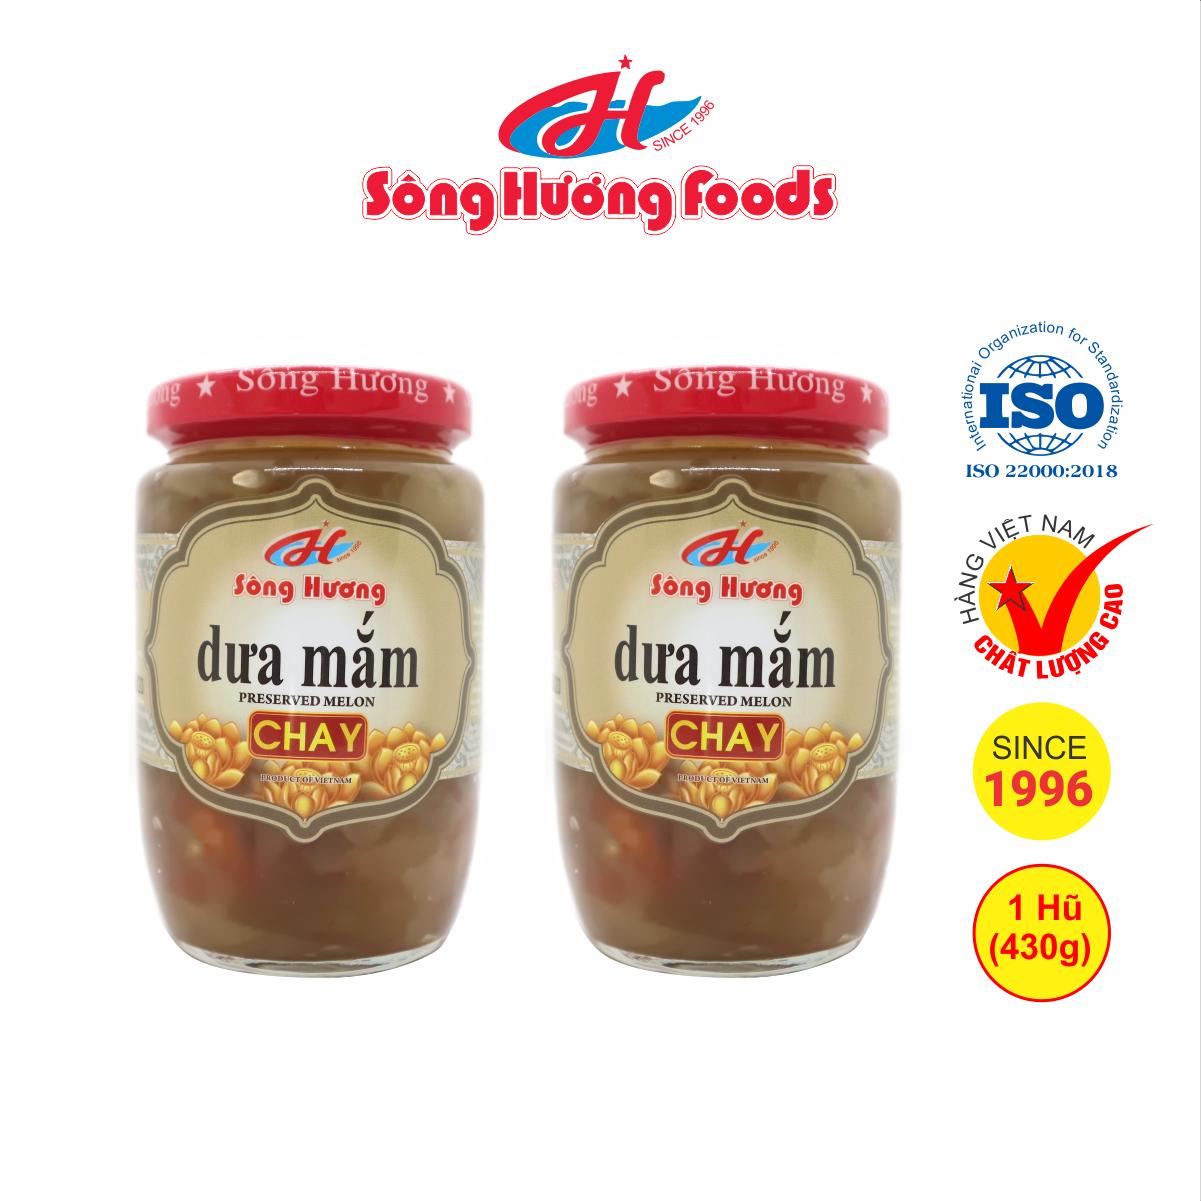 2 Hũ dưa mắm chay Sông Hương Foods hũ 430g